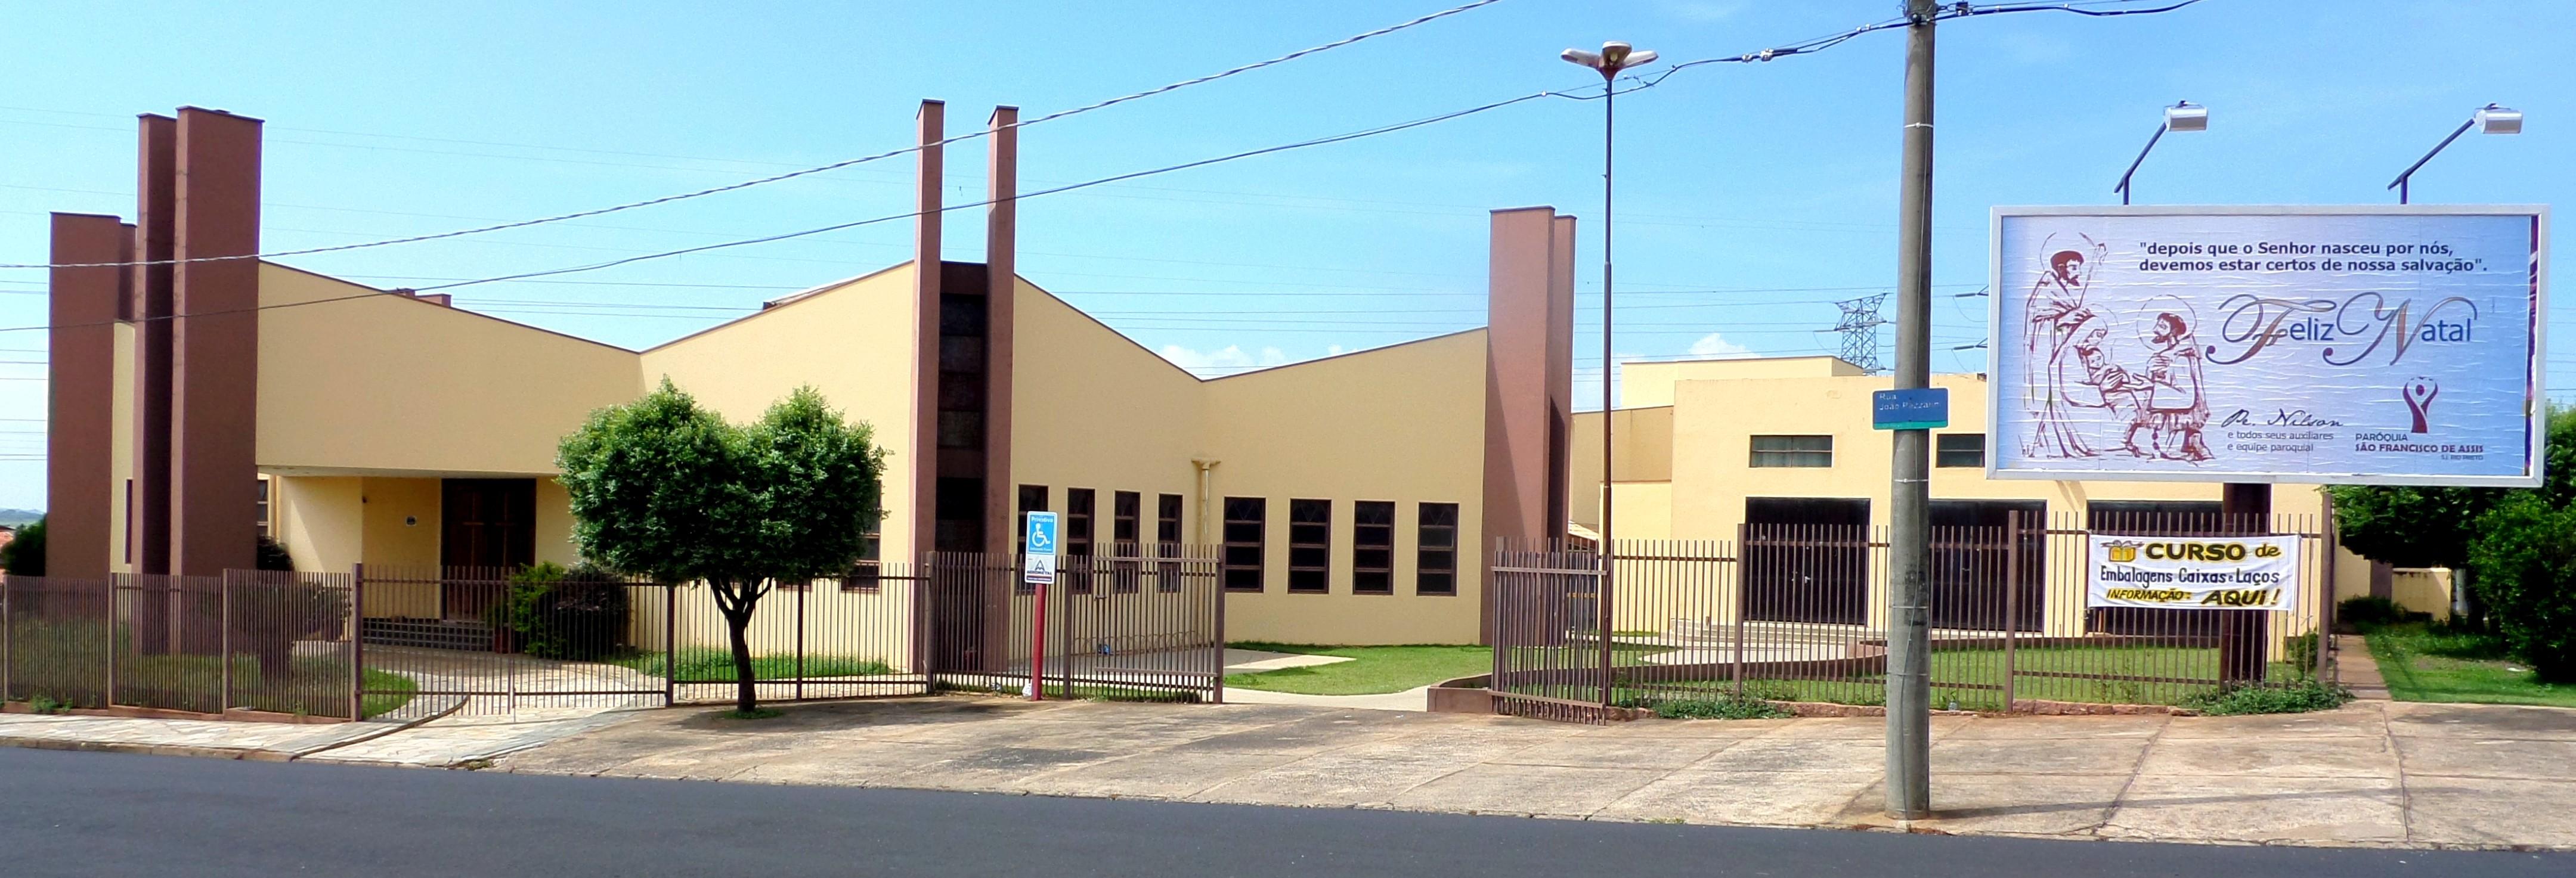 Paróquia de São Francisco de Assis/SJRP